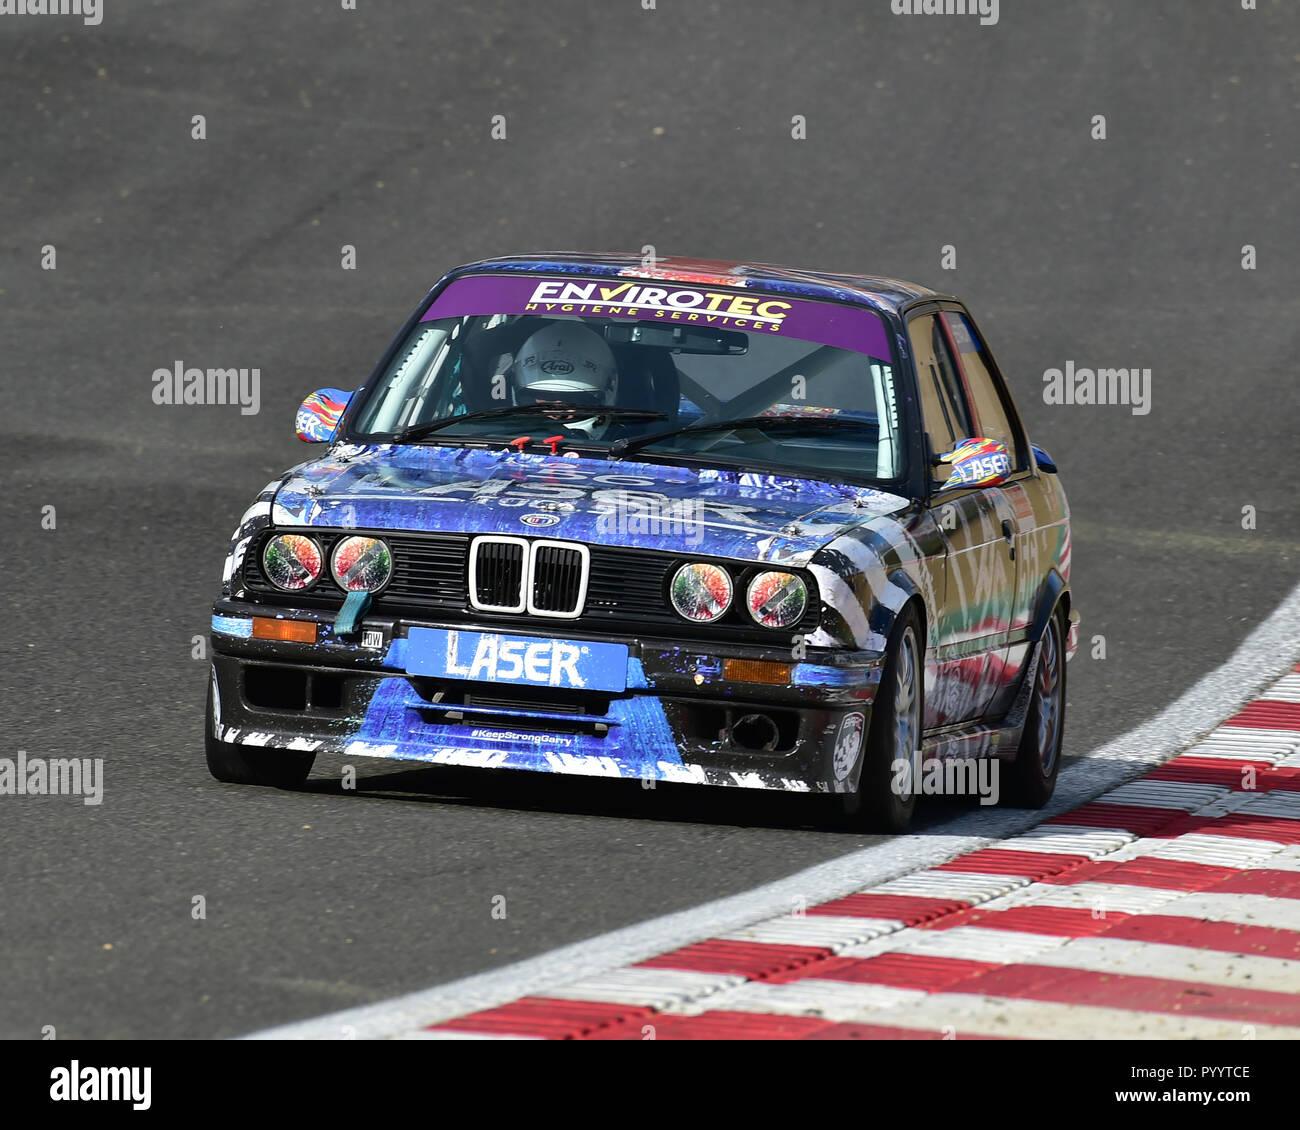 British Touring Car Bmw Racing Stock Photos & British